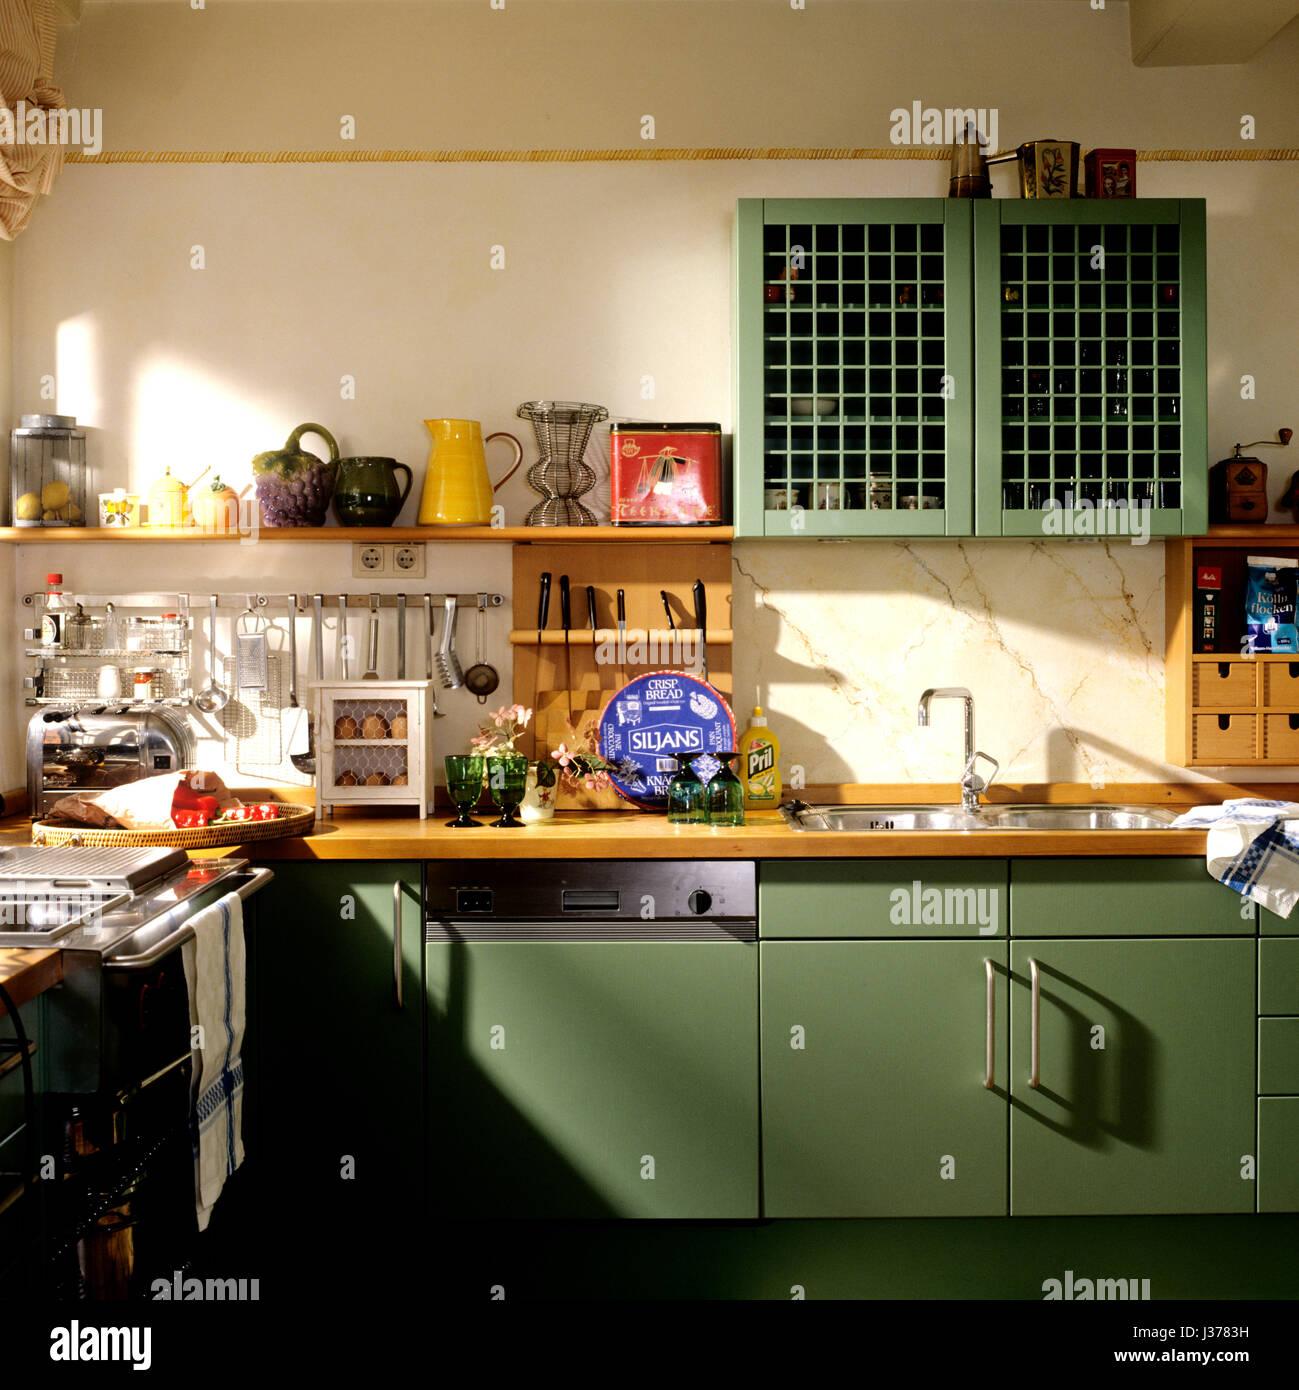 Küche im Retro-Stil Stockfoto, Bild: 139686949 - Alamy